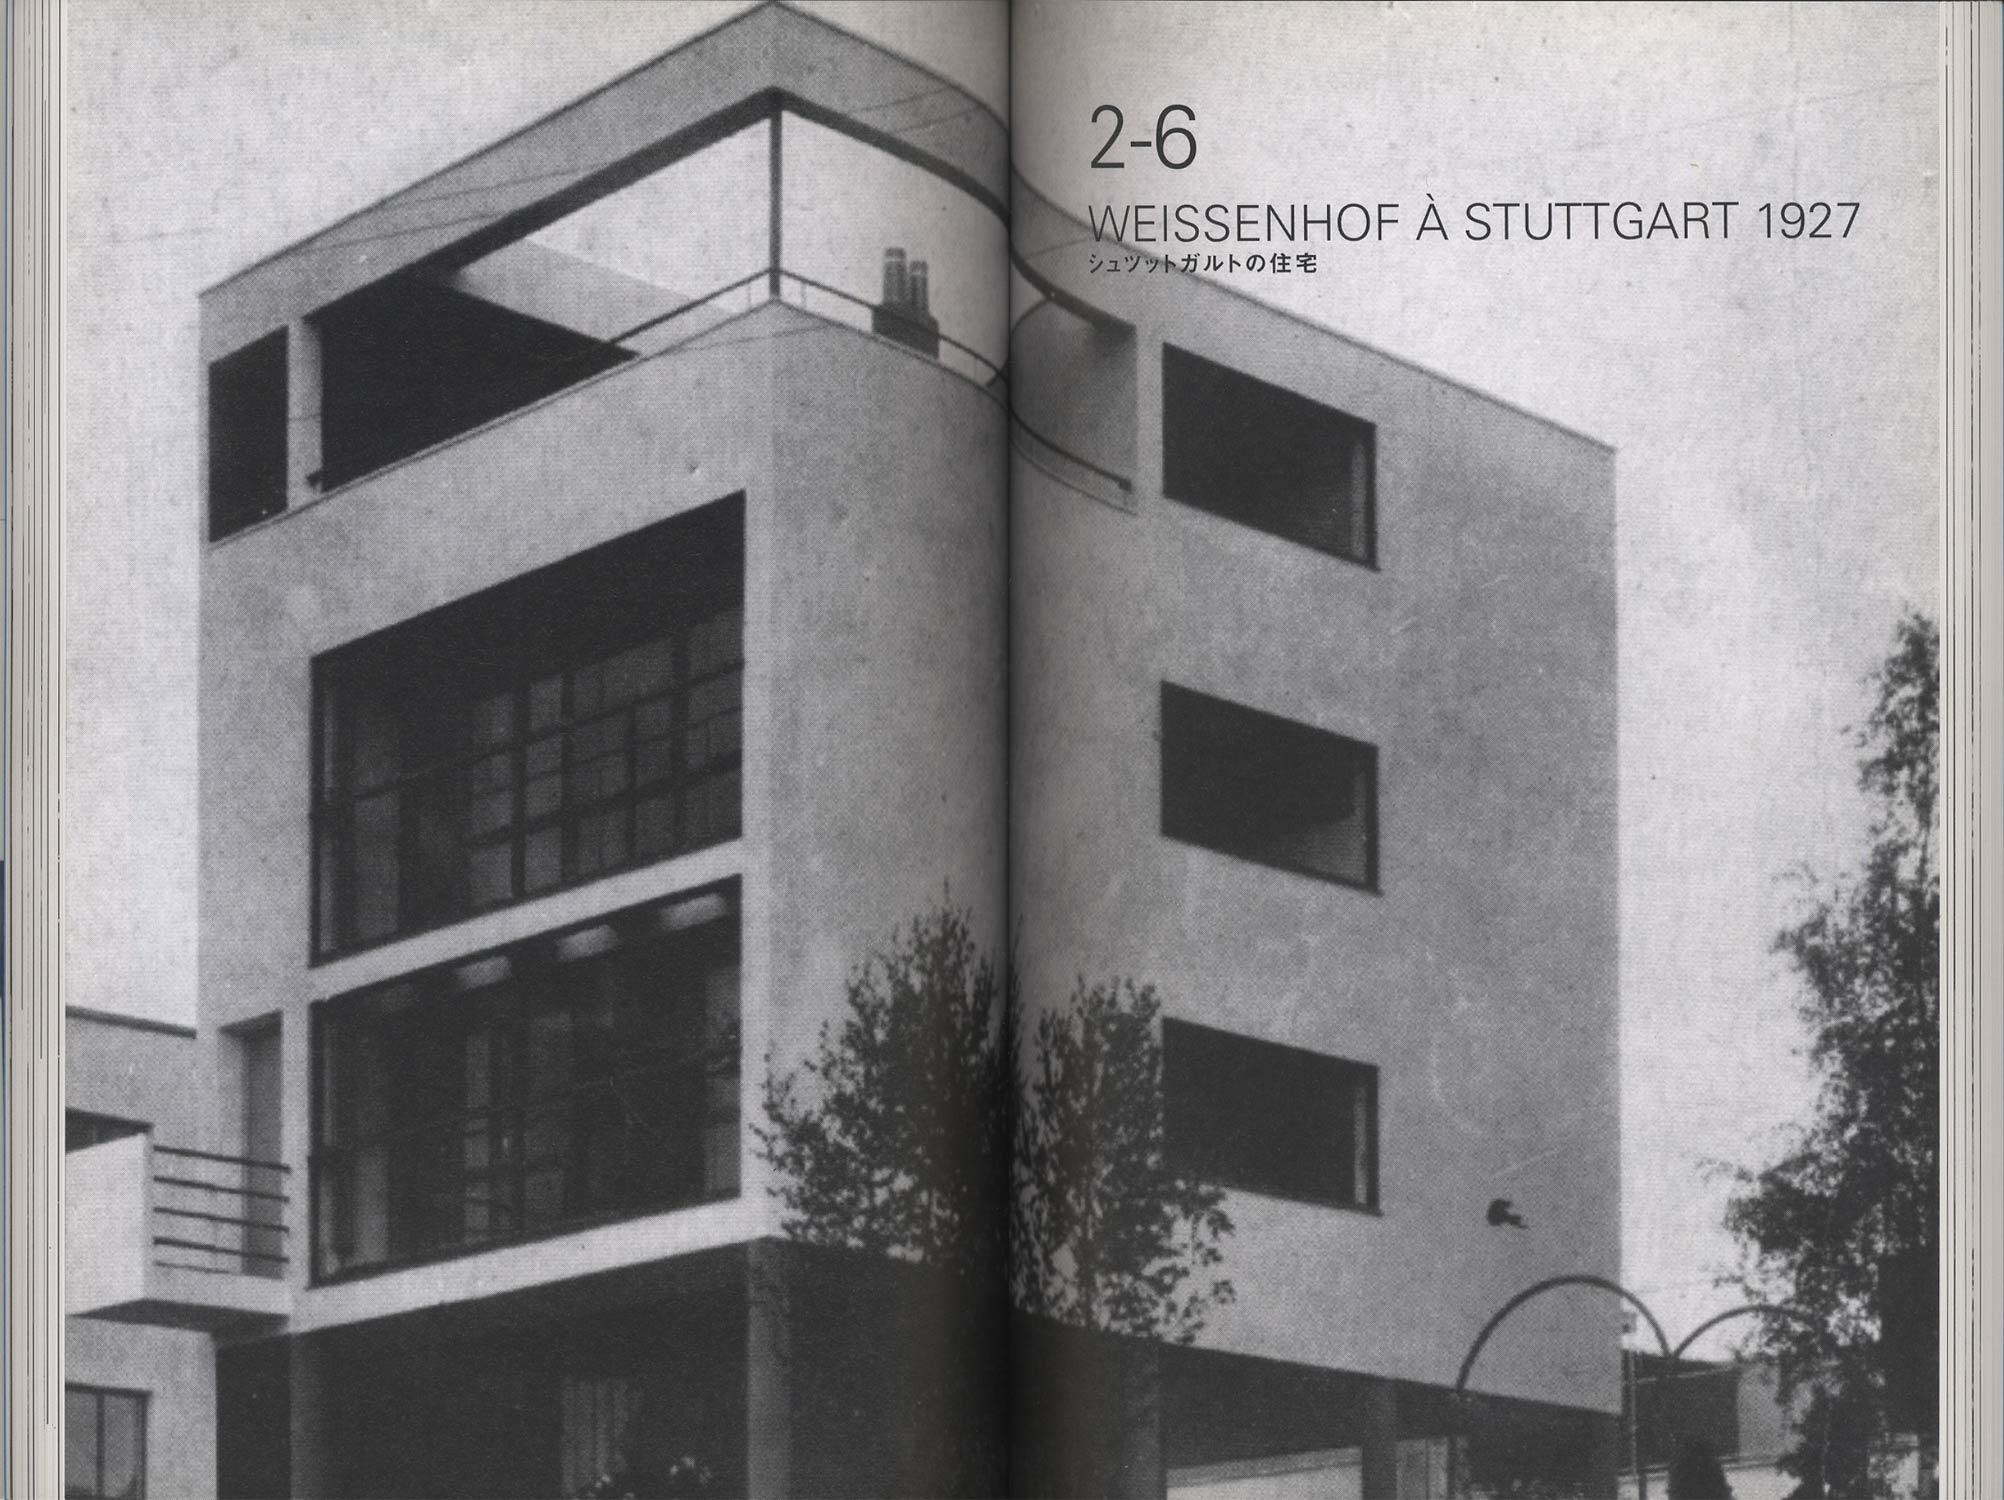 ル・コルビュジエ 建築の詩 12の住宅の空間構成[image2]